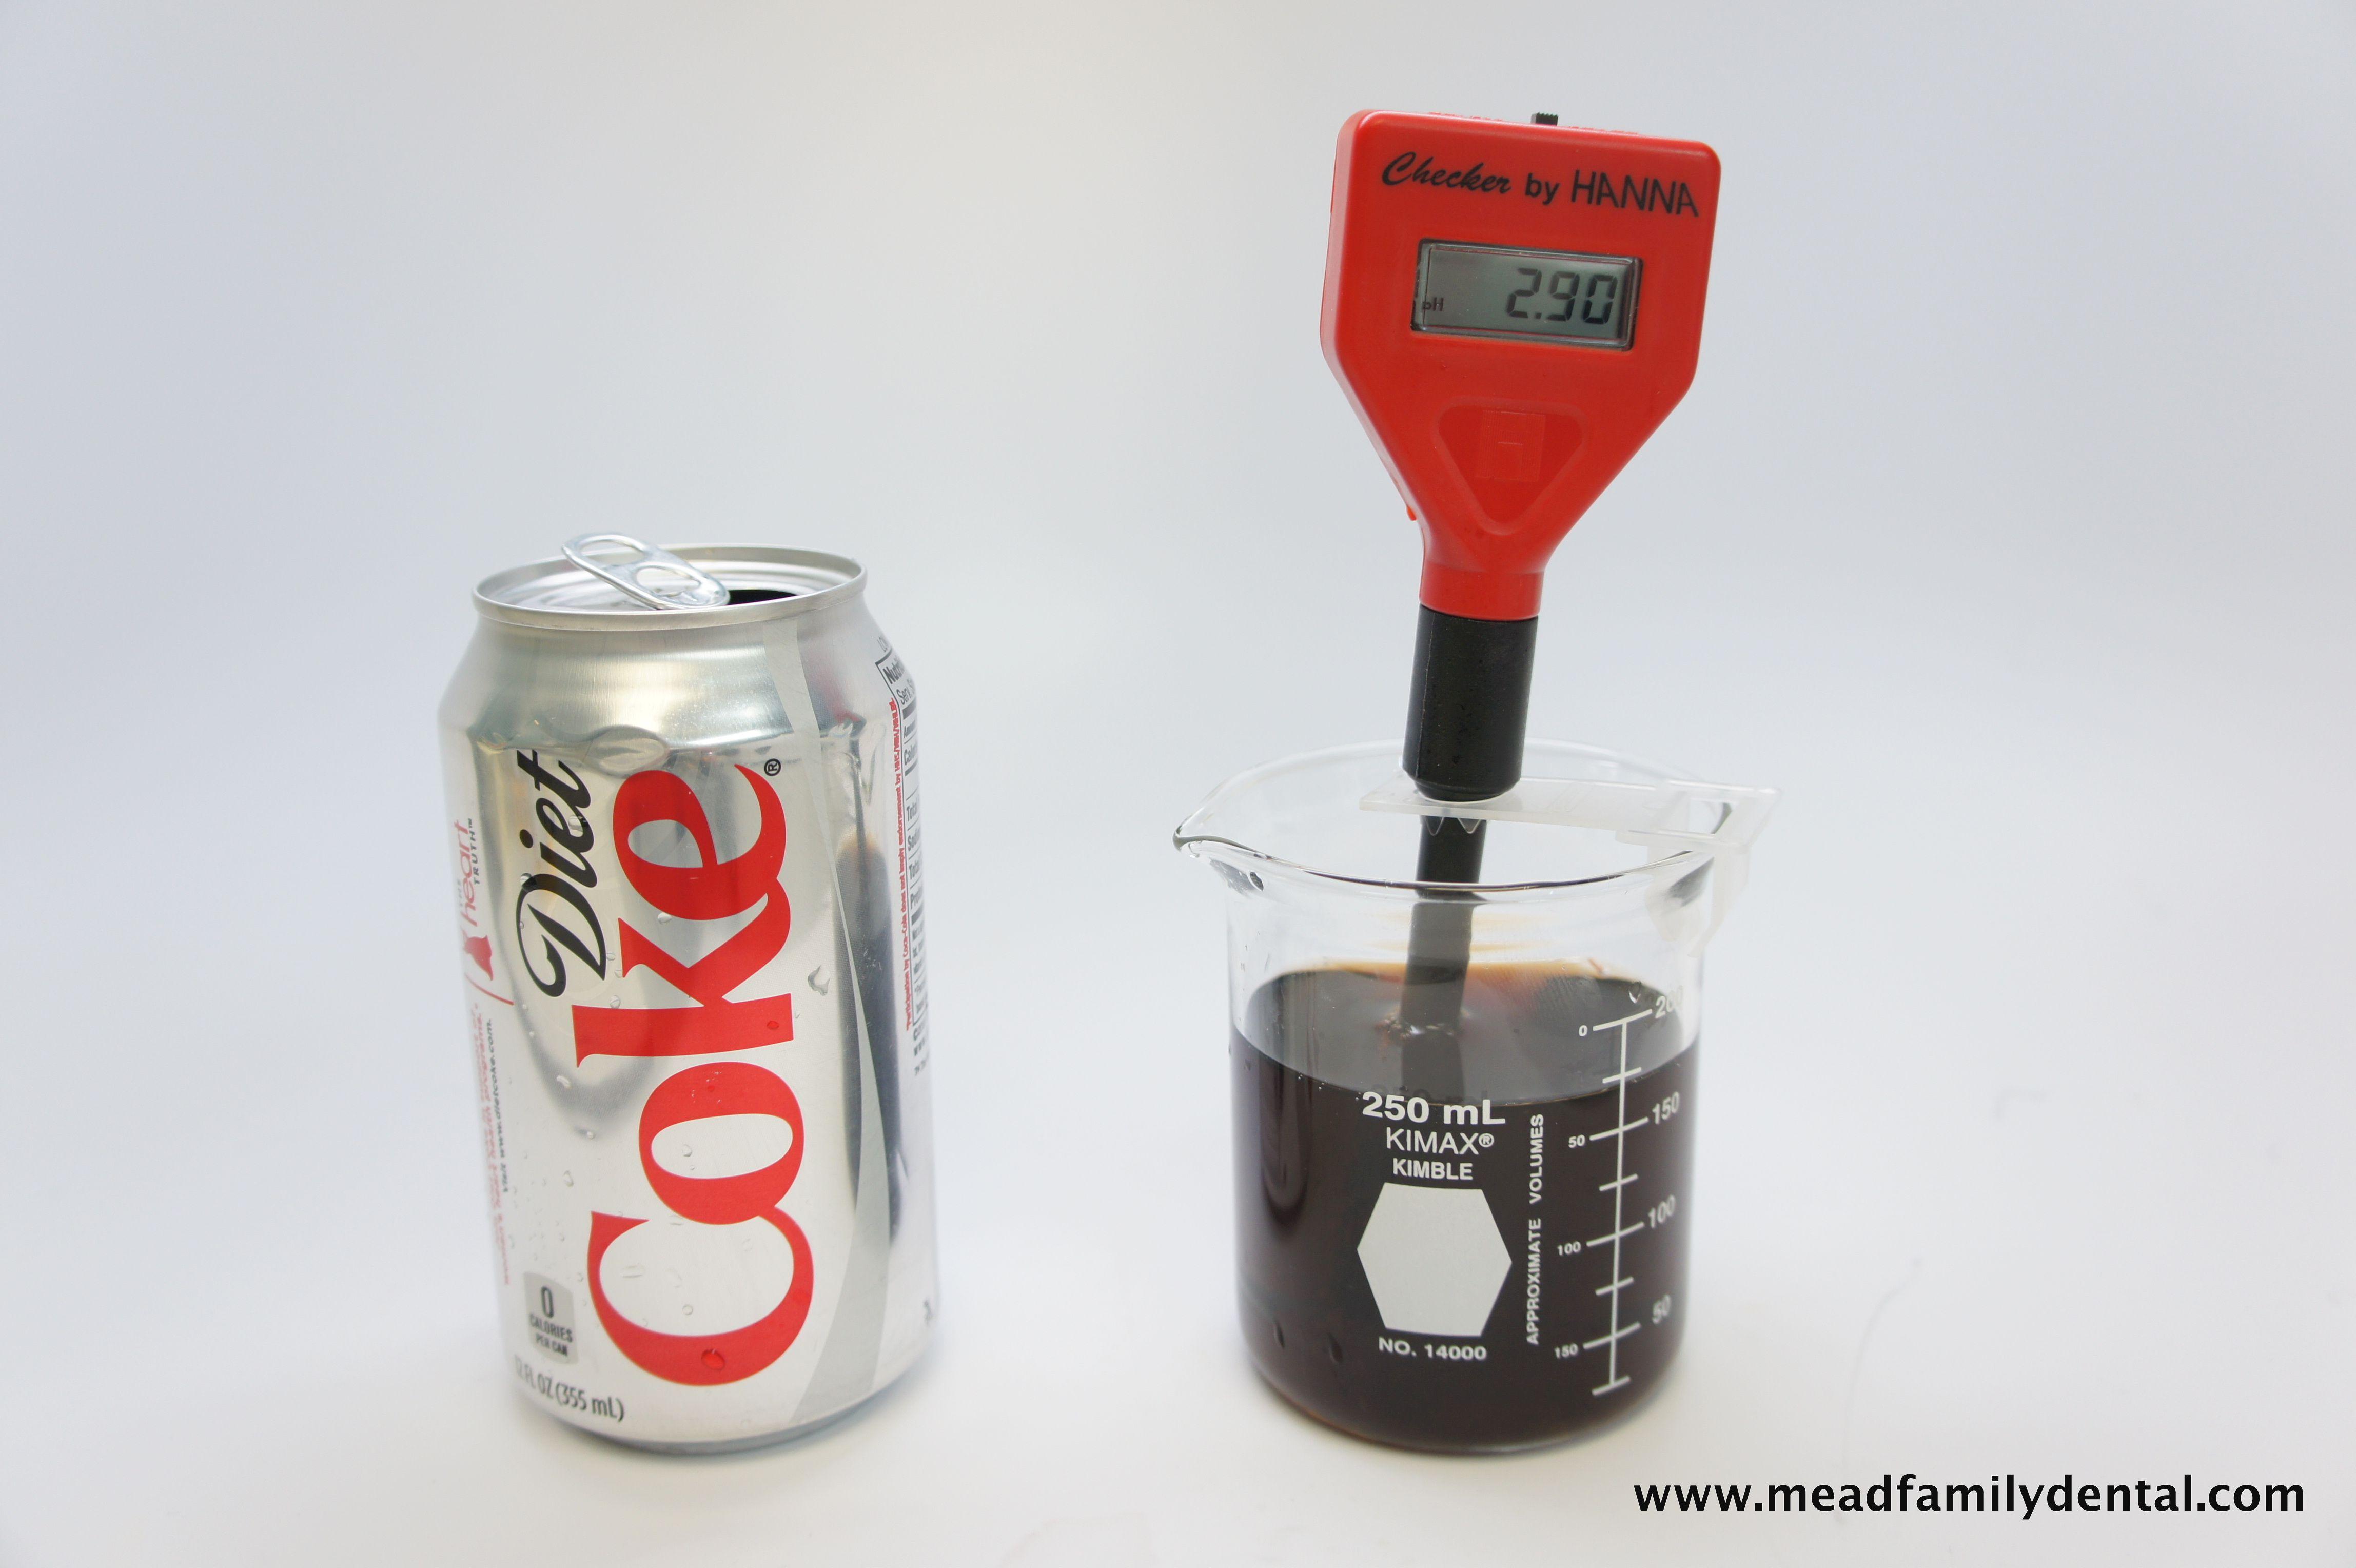 Diet Coke pH: 2.90